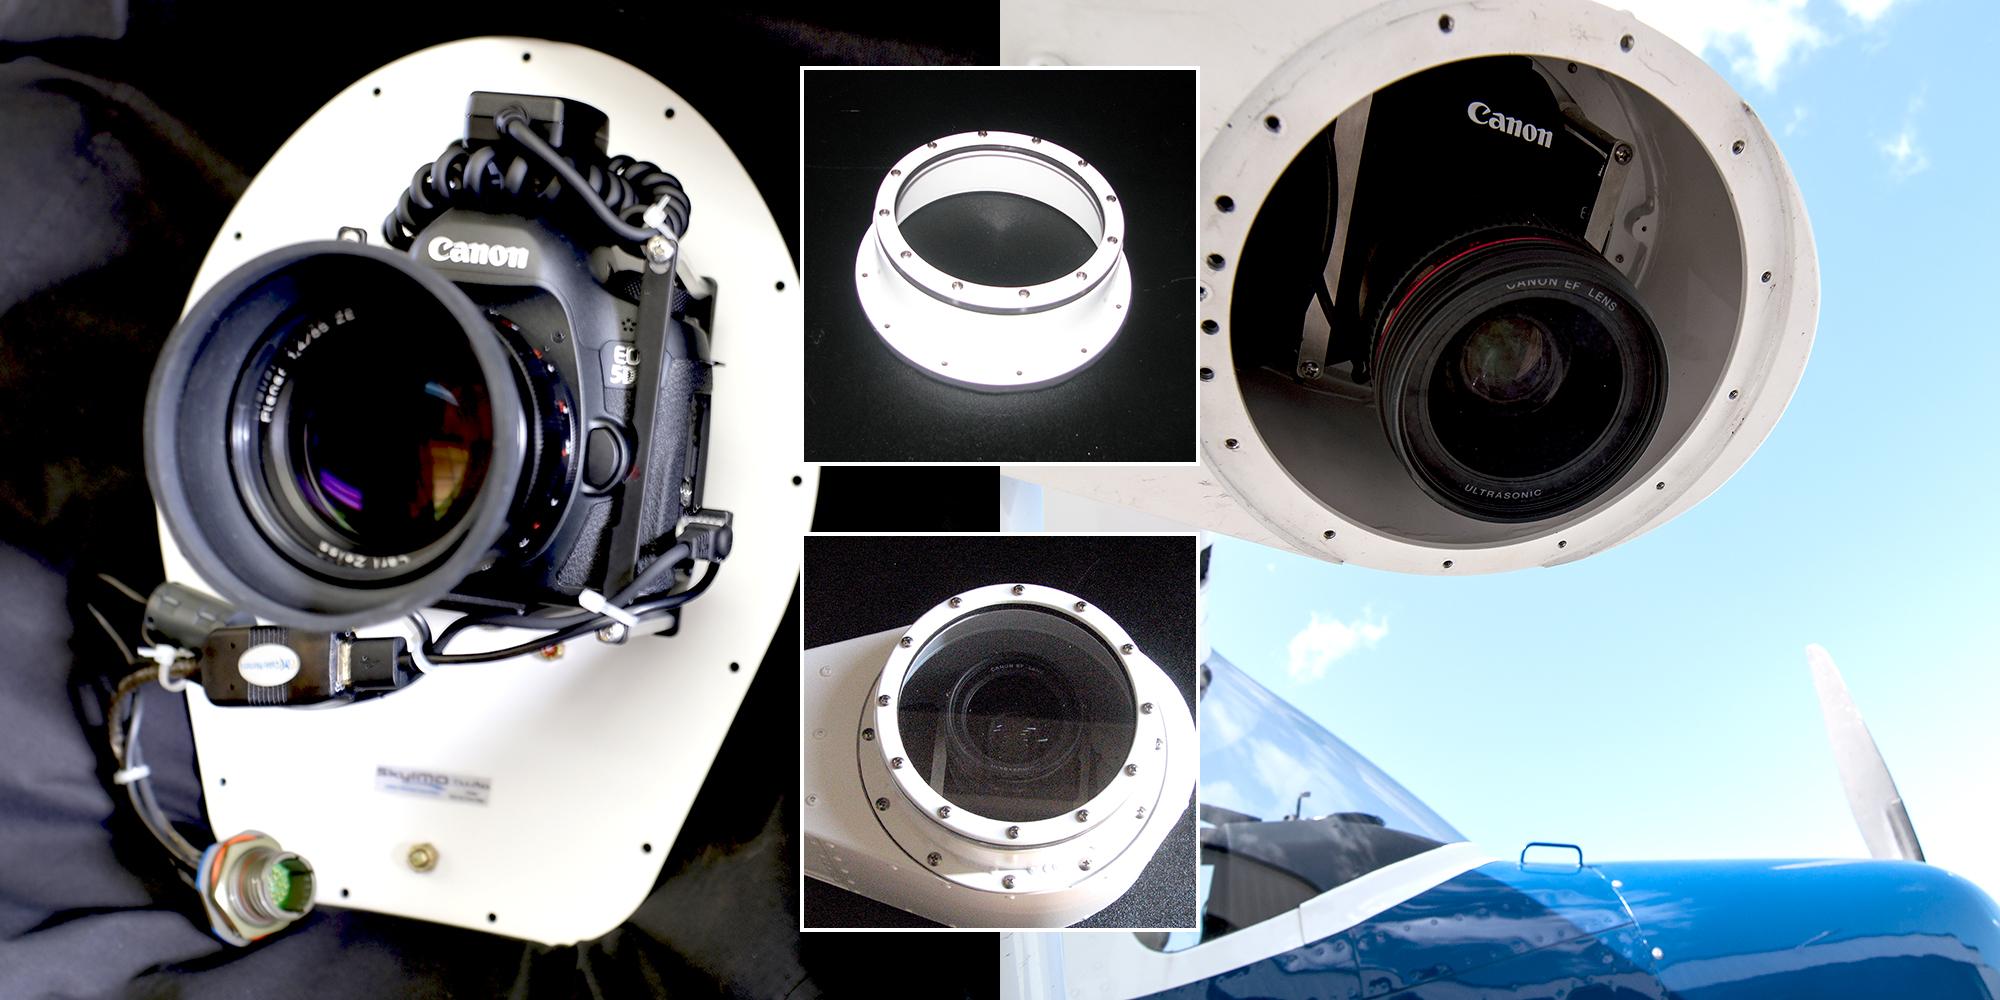 51 mega pixel Canon 5DSR Aerial Imaging Platform